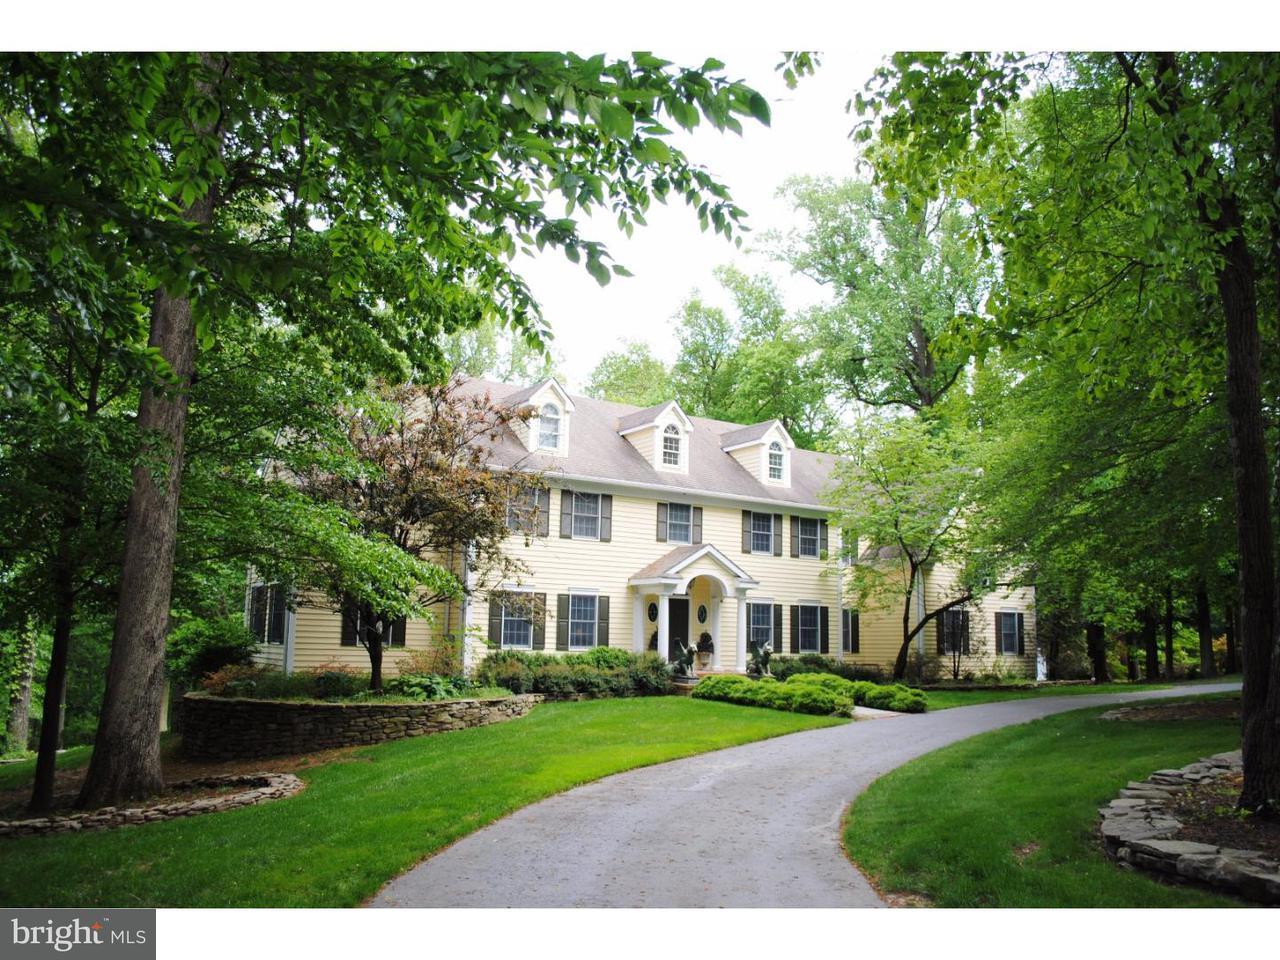 独户住宅 为 出租 在 17 HARBOURTON RIDGE Drive 彭宁顿, 新泽西州 08534 美国在/周边: Hopewell Township